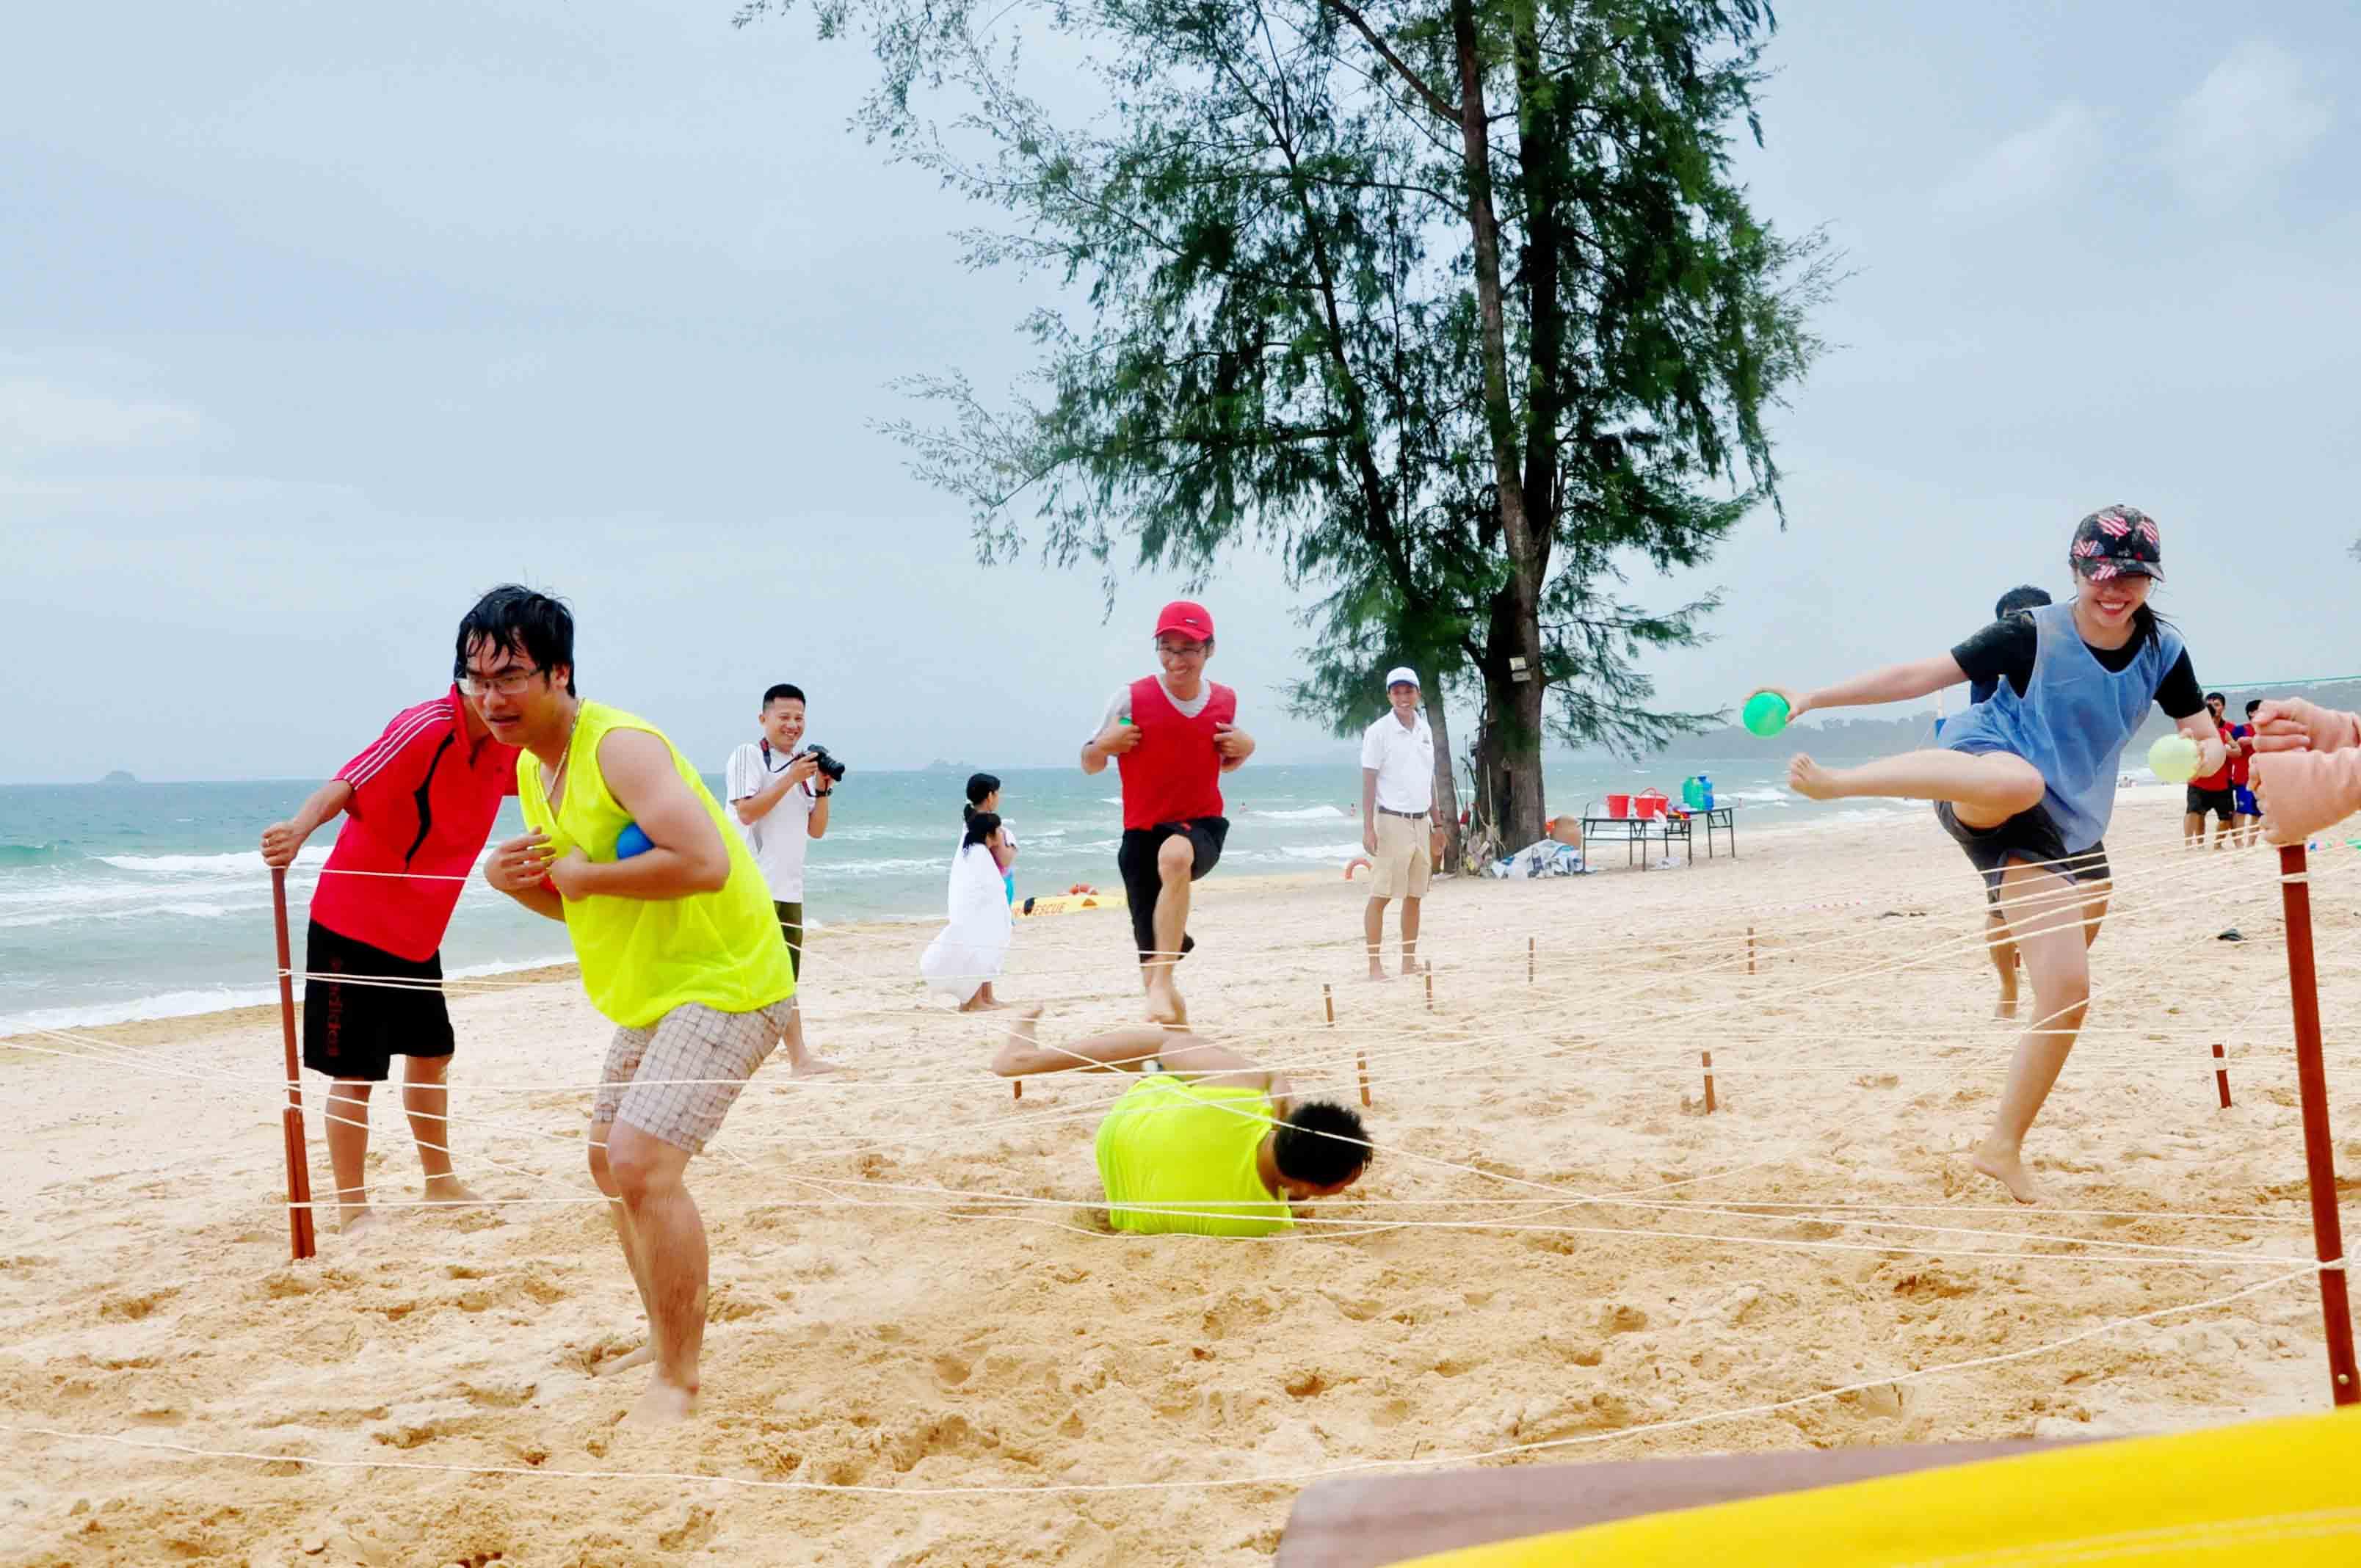 Hạo Phương du lịch nghỉ dưỡng tại Vinpearl Phú Quốc, ảnh 17